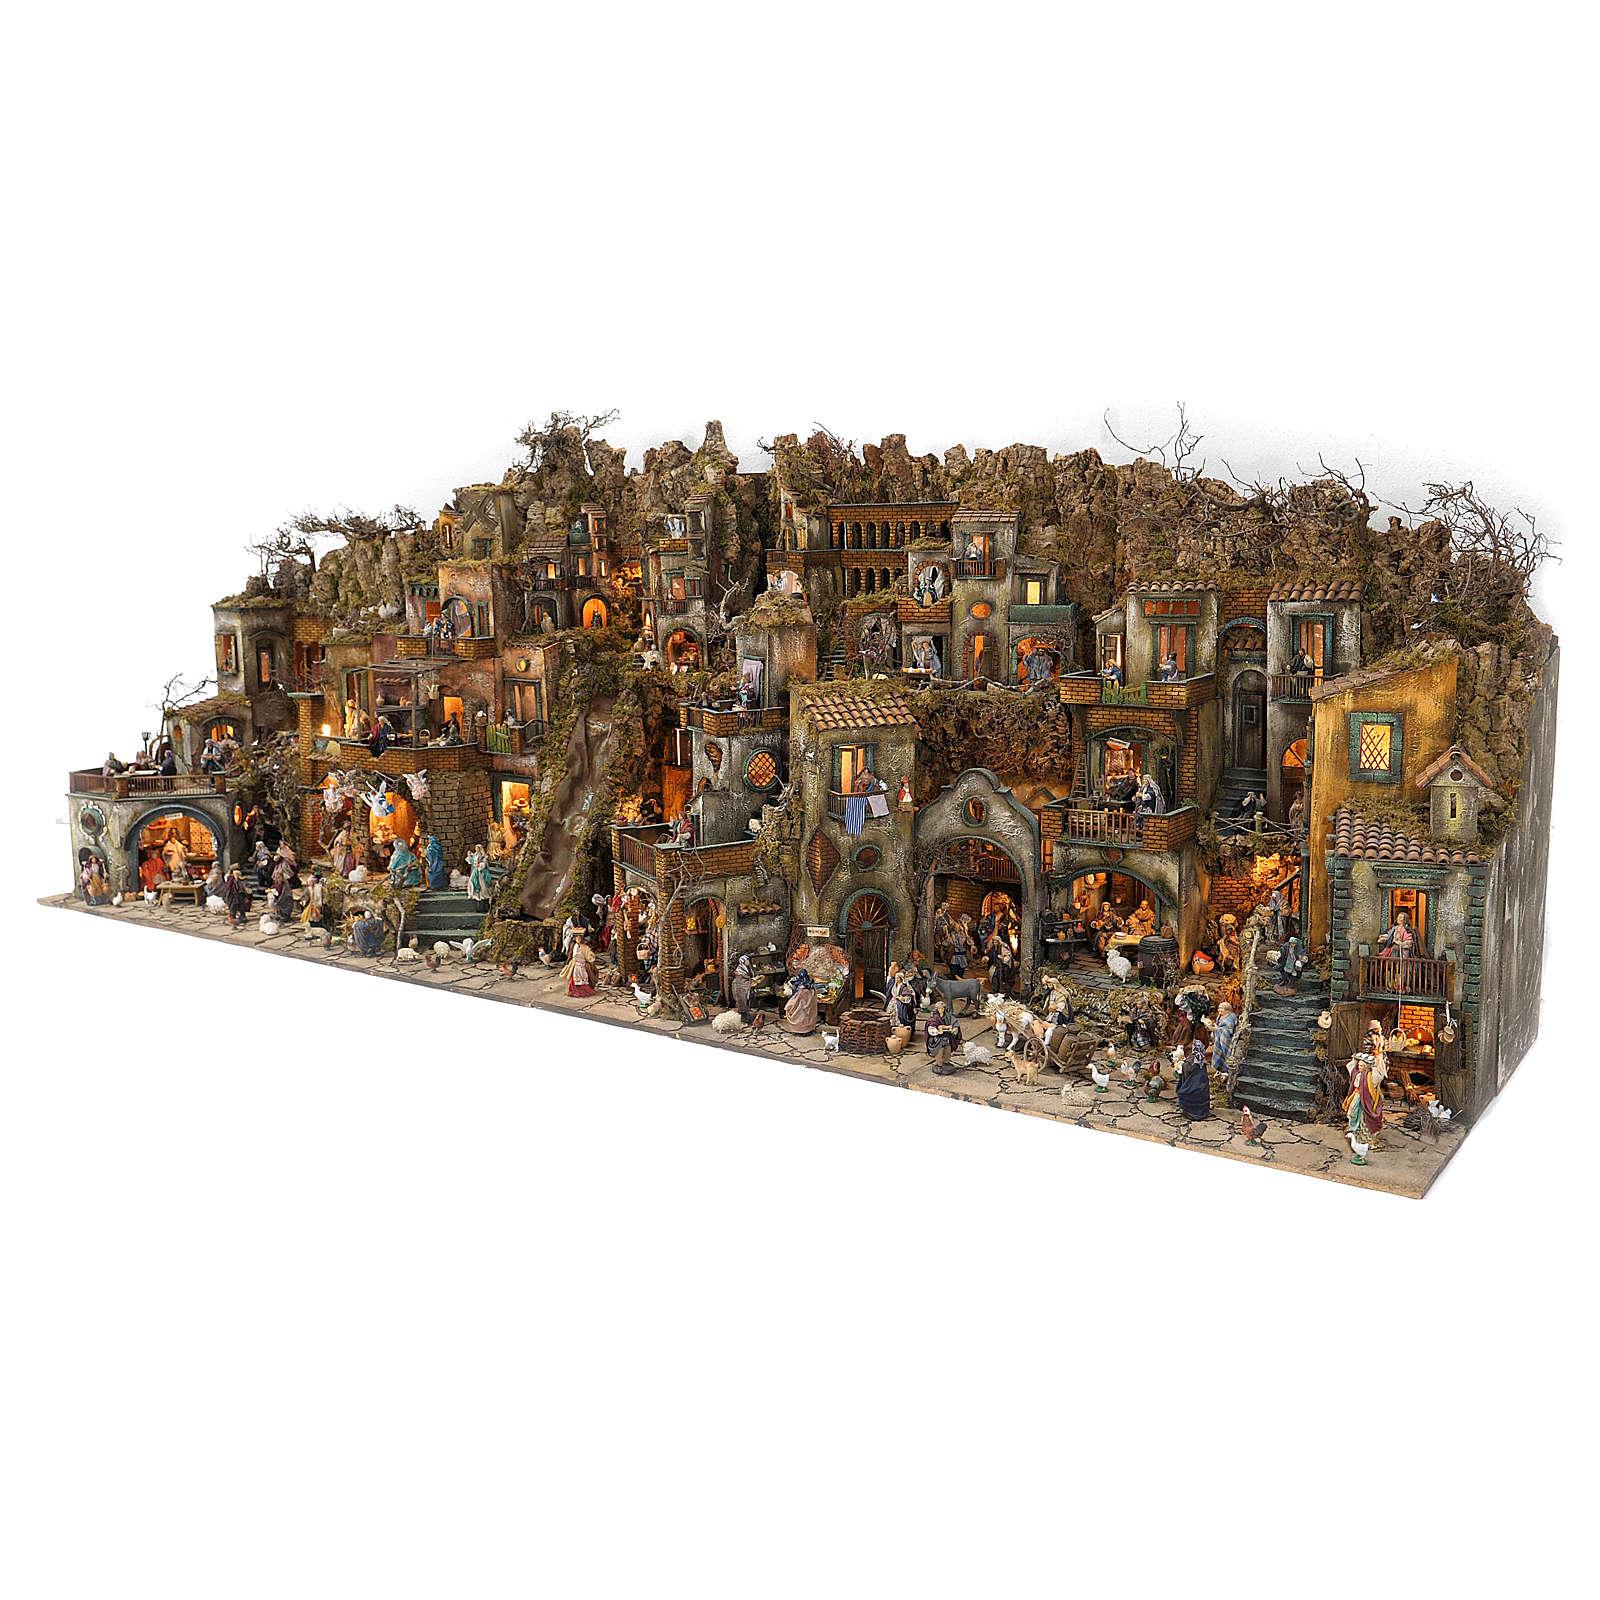 Miasteczko kompletne szopka z Neapolu 4 moduły scenograficzne 120x400x100 cm 125 pasterzy, 20 ruchomych figurek - 14 cm 4